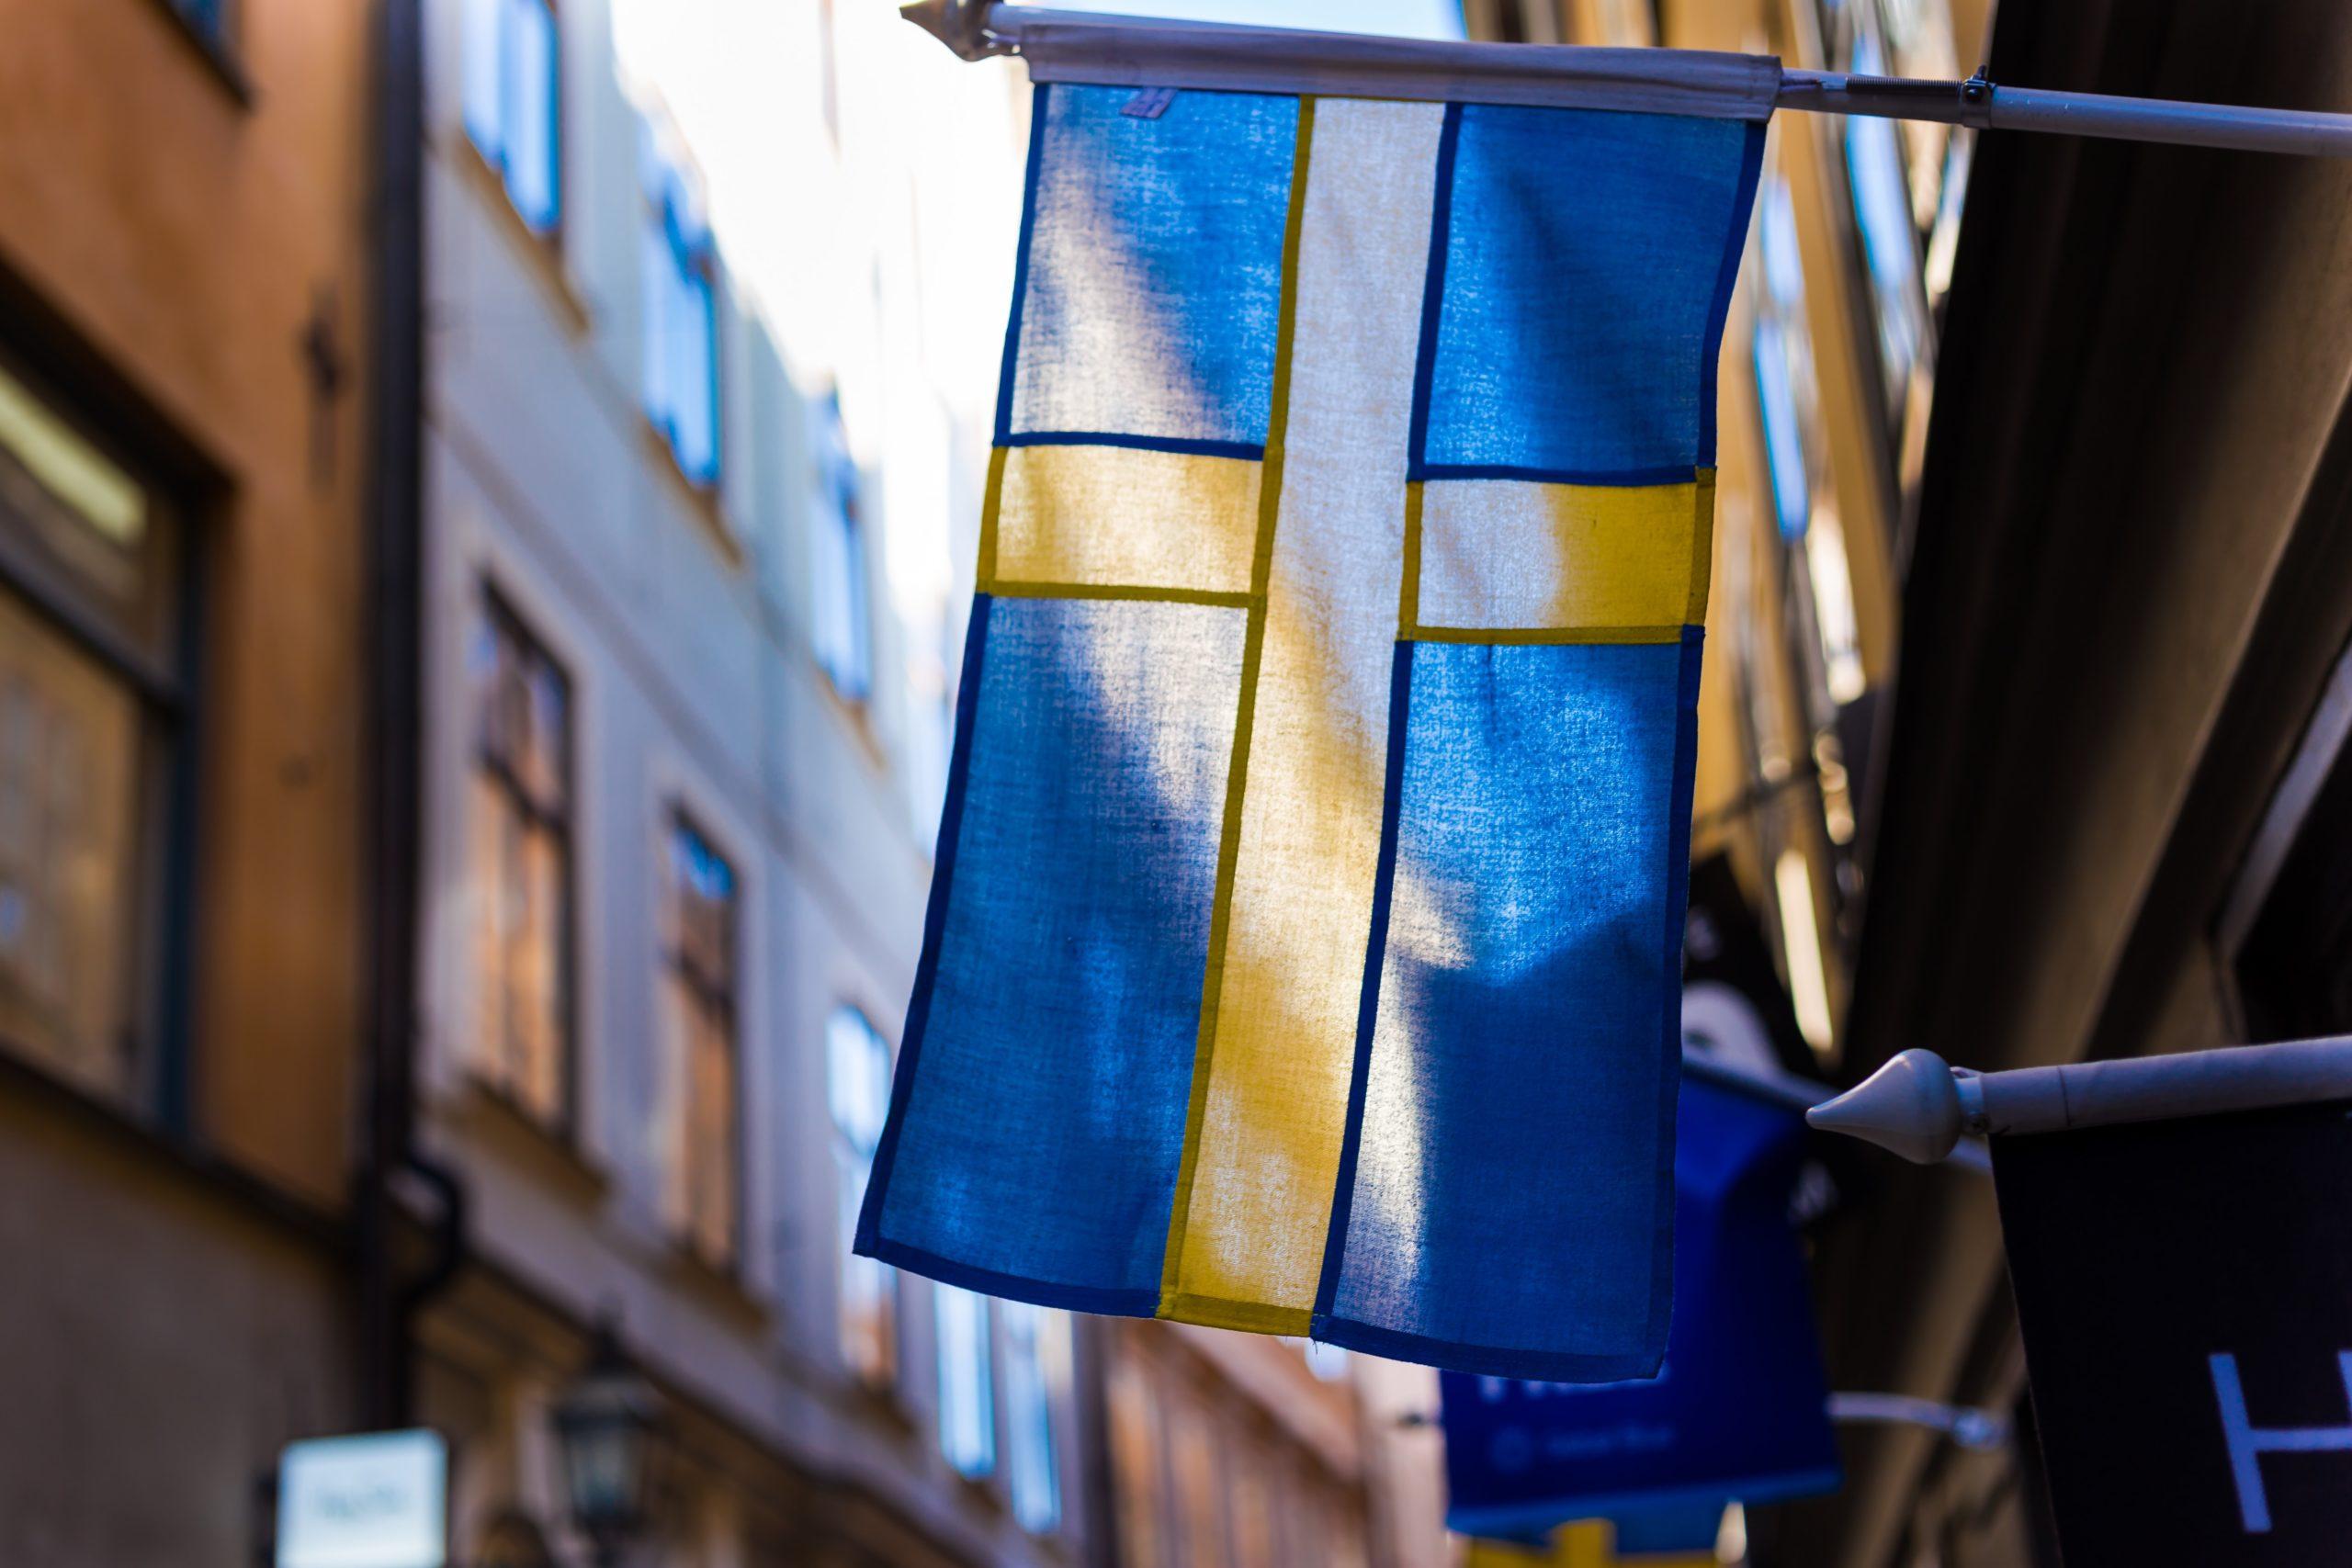 Fallimentare la terza via della Svezia: l'etica della responsabilità non sconfigge il coronavirus